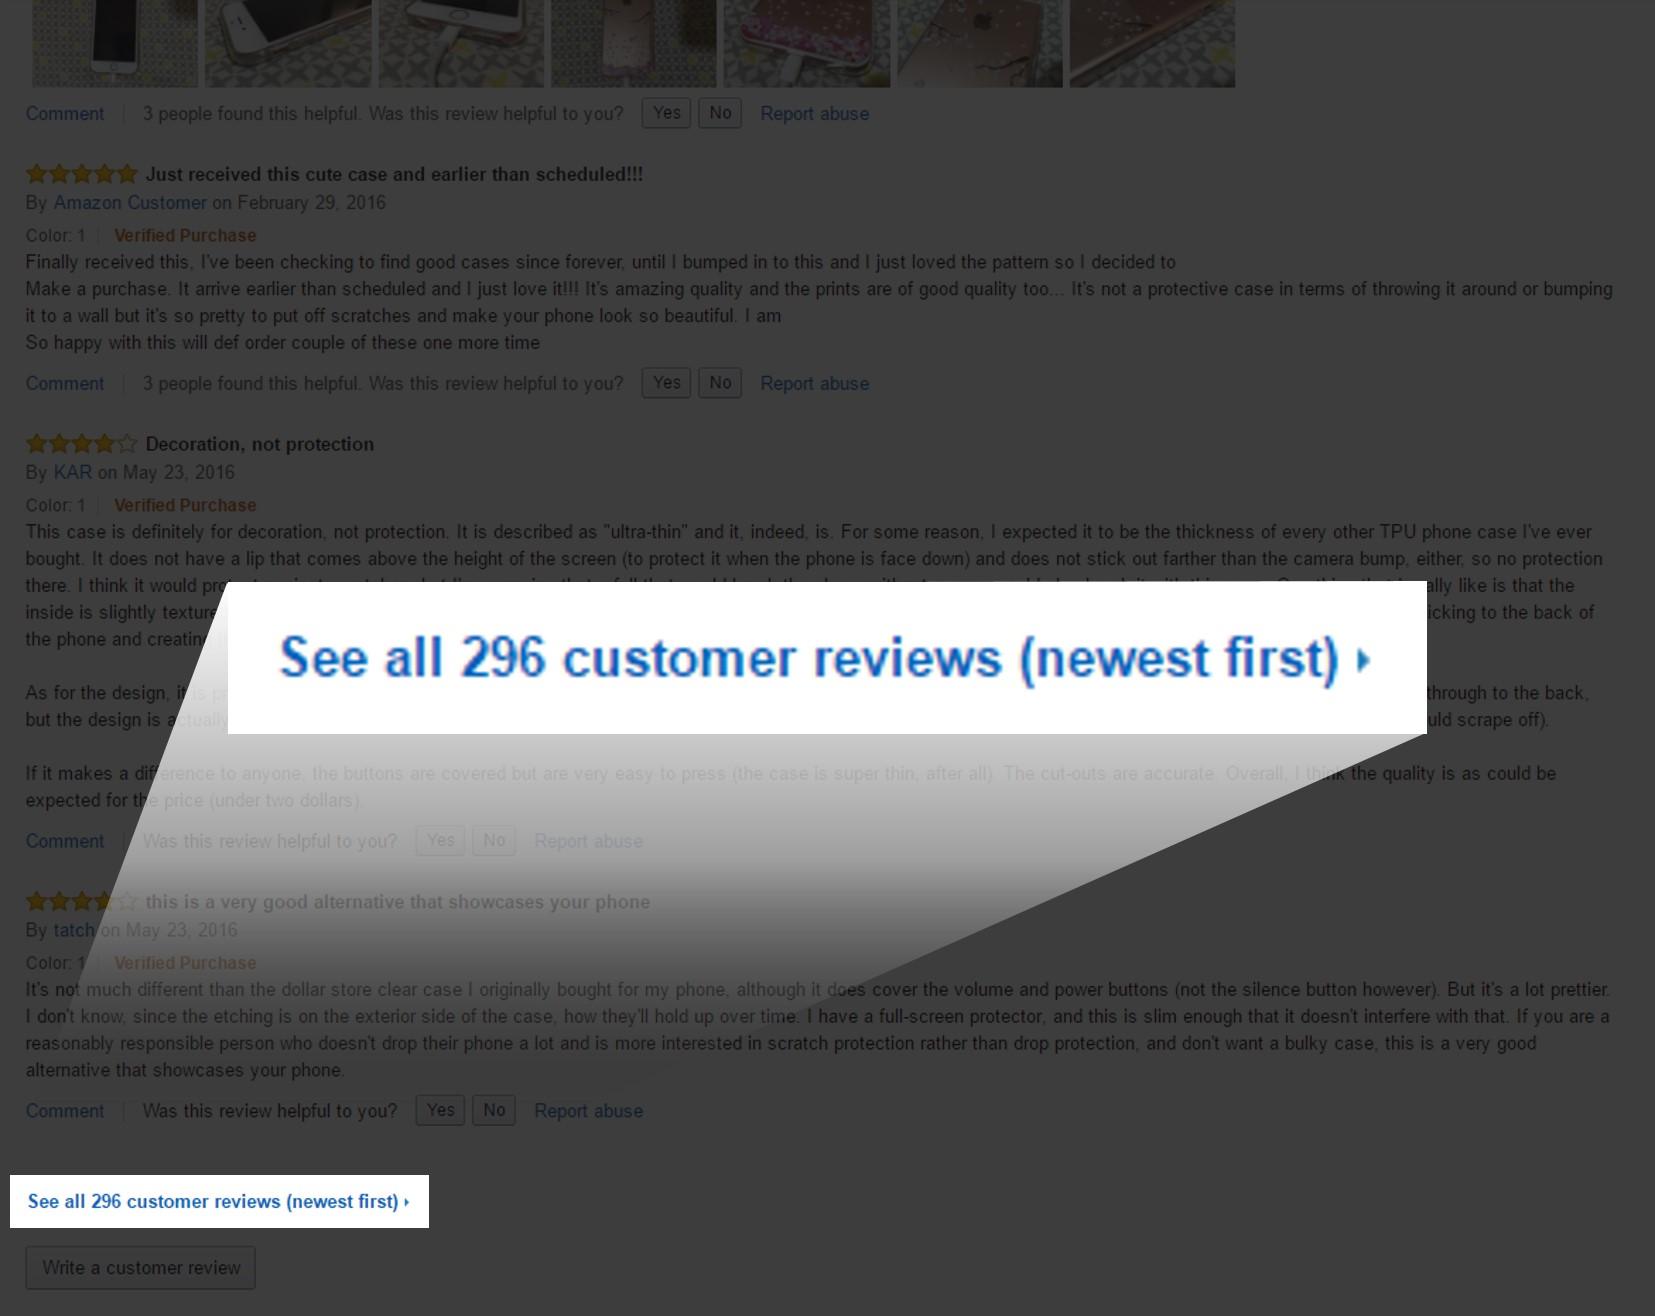 點擊See all ## customer reviews.